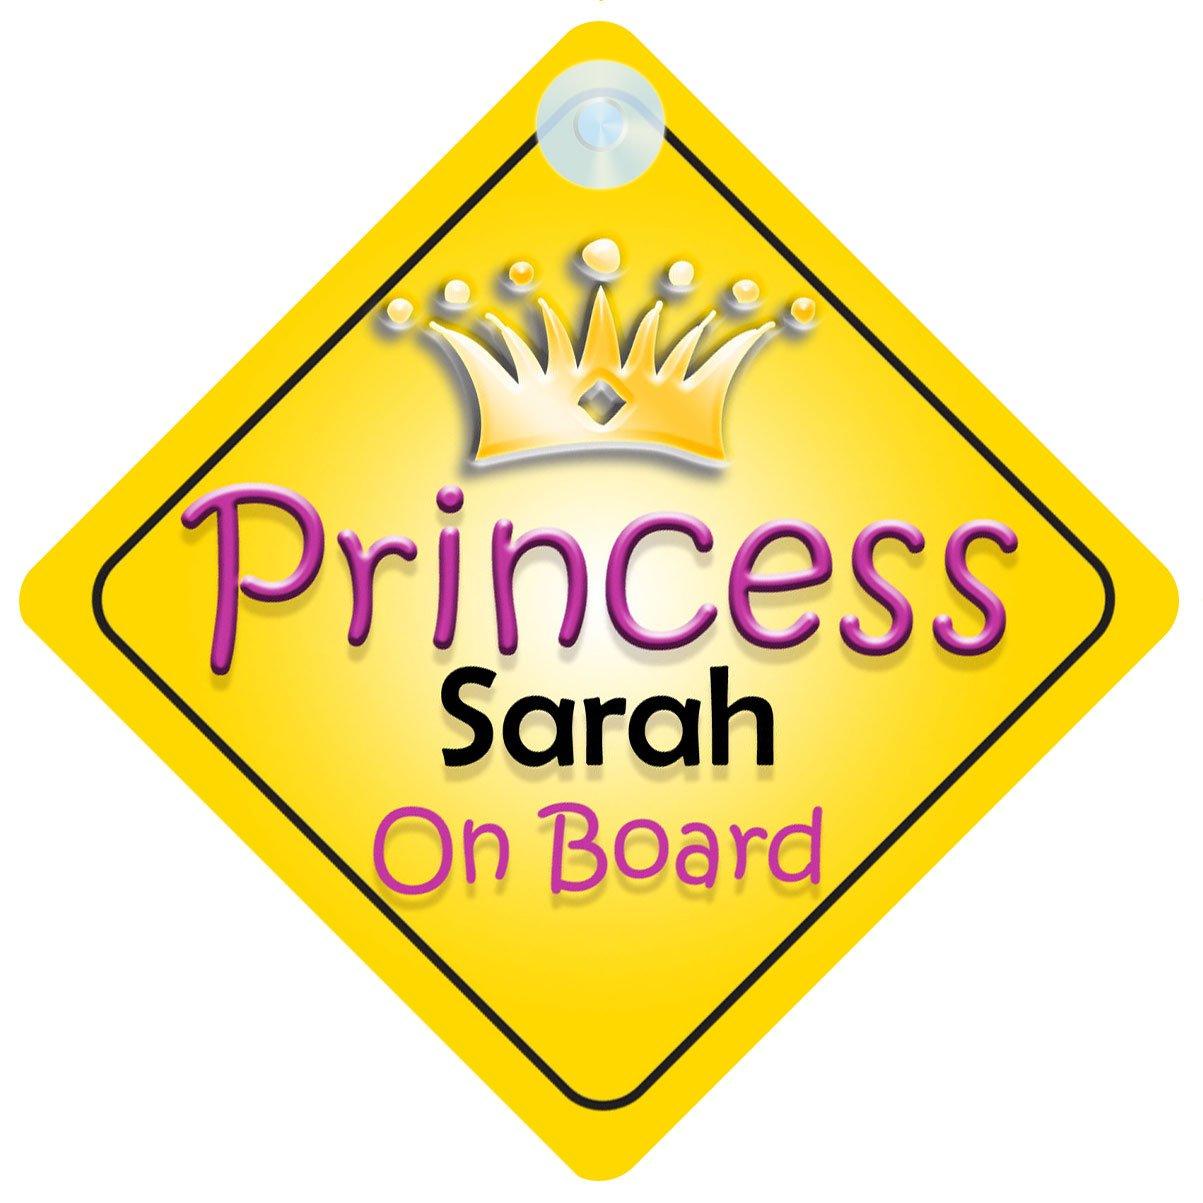 Princesse Sarah on Board Panneau Voiture Fille/Enfant Cadeau Bé bé /Cadeau 002 mybabyonboard UK